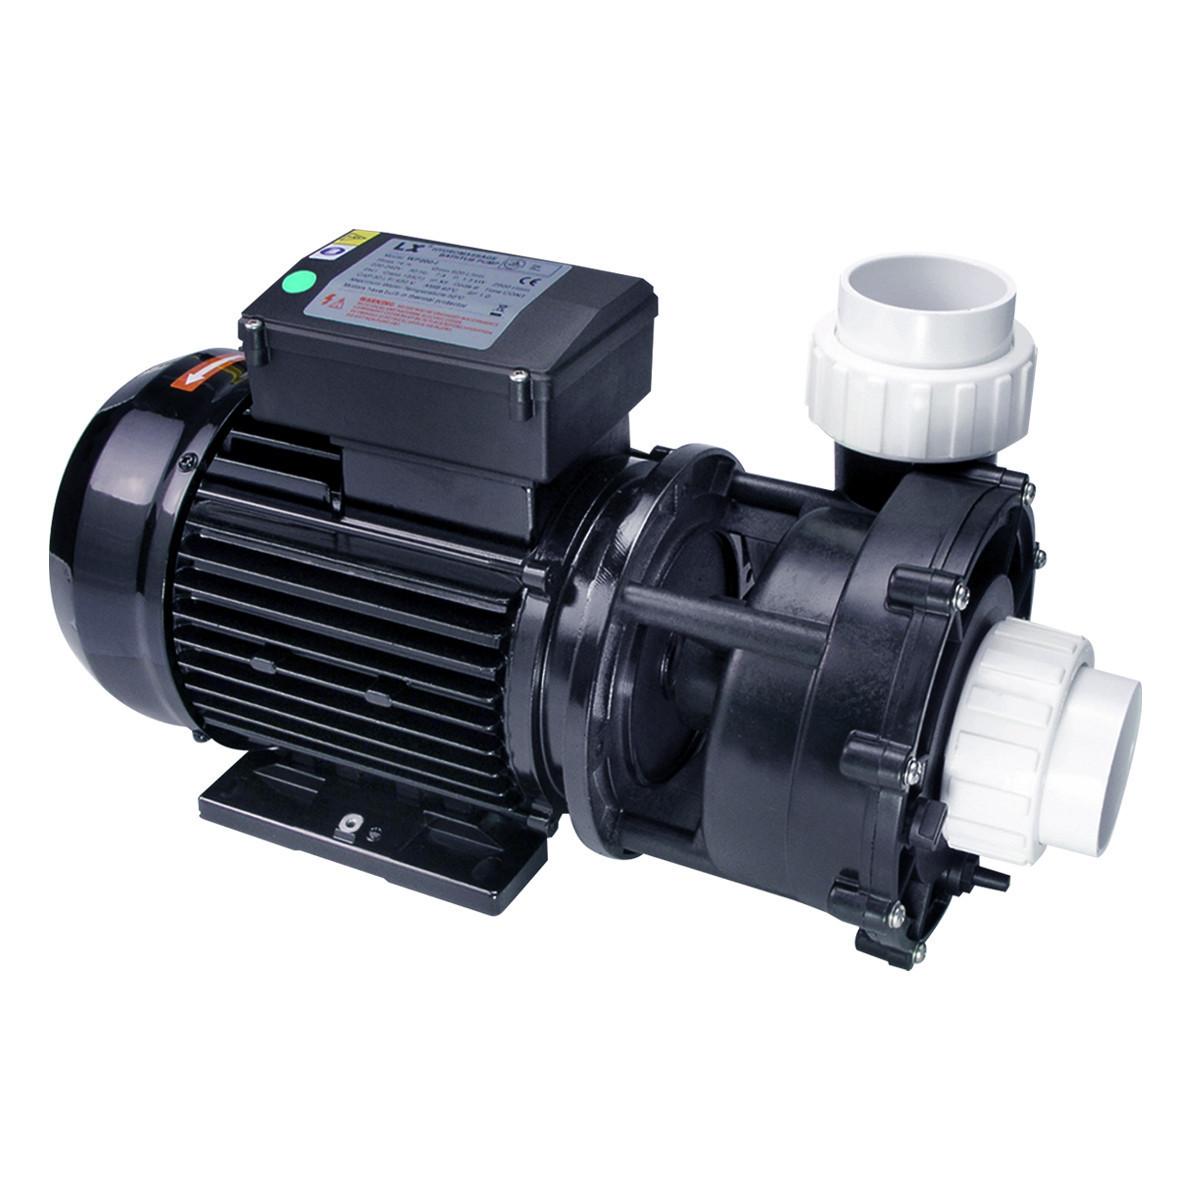 Насос AquaViva LX LP250T/OS250T 30 м3/ч (2,5НР, 380В) для бассейна